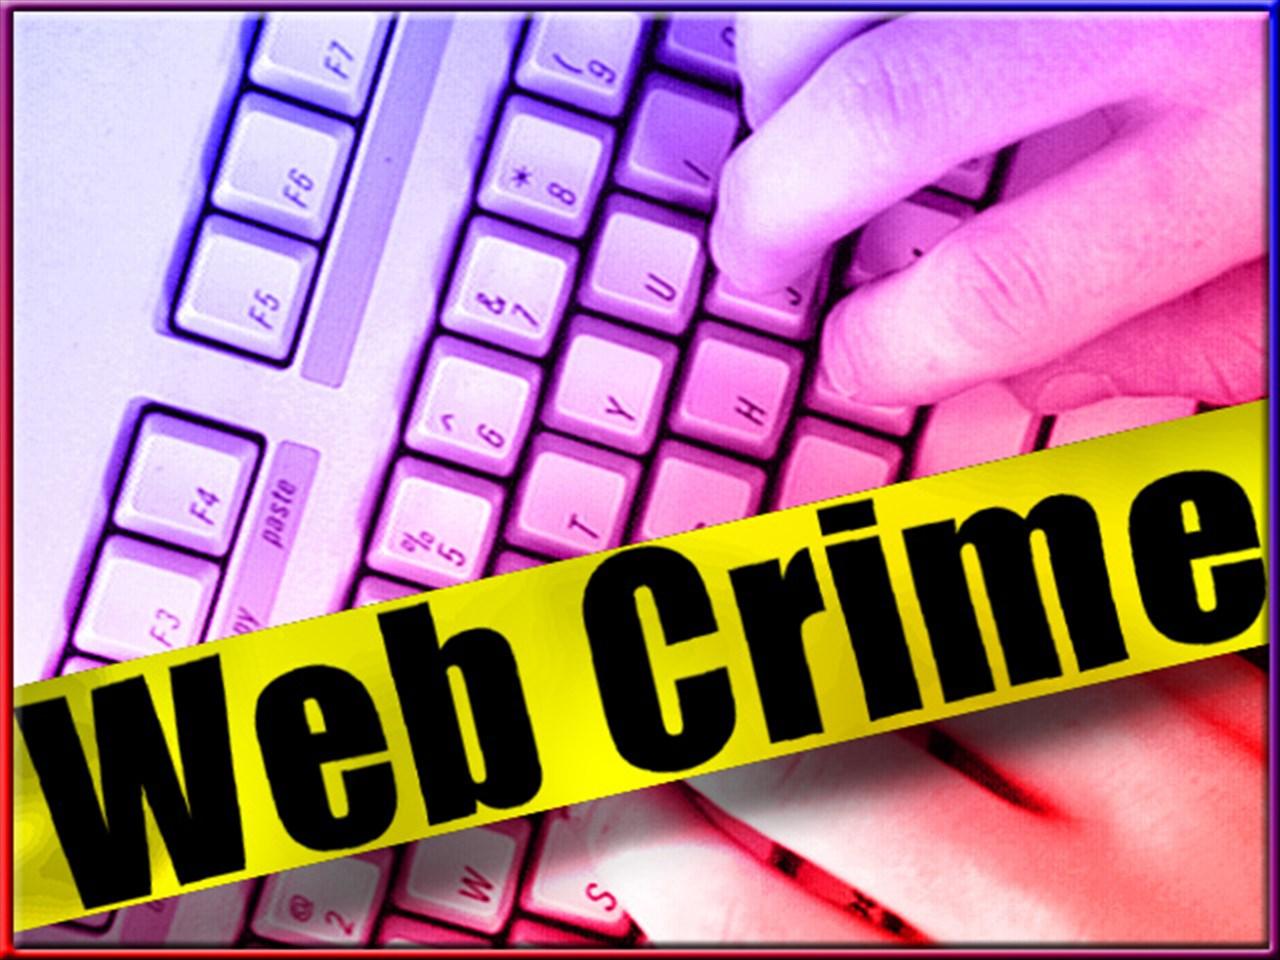 cyber crime_1521238381771.jpg.jpg